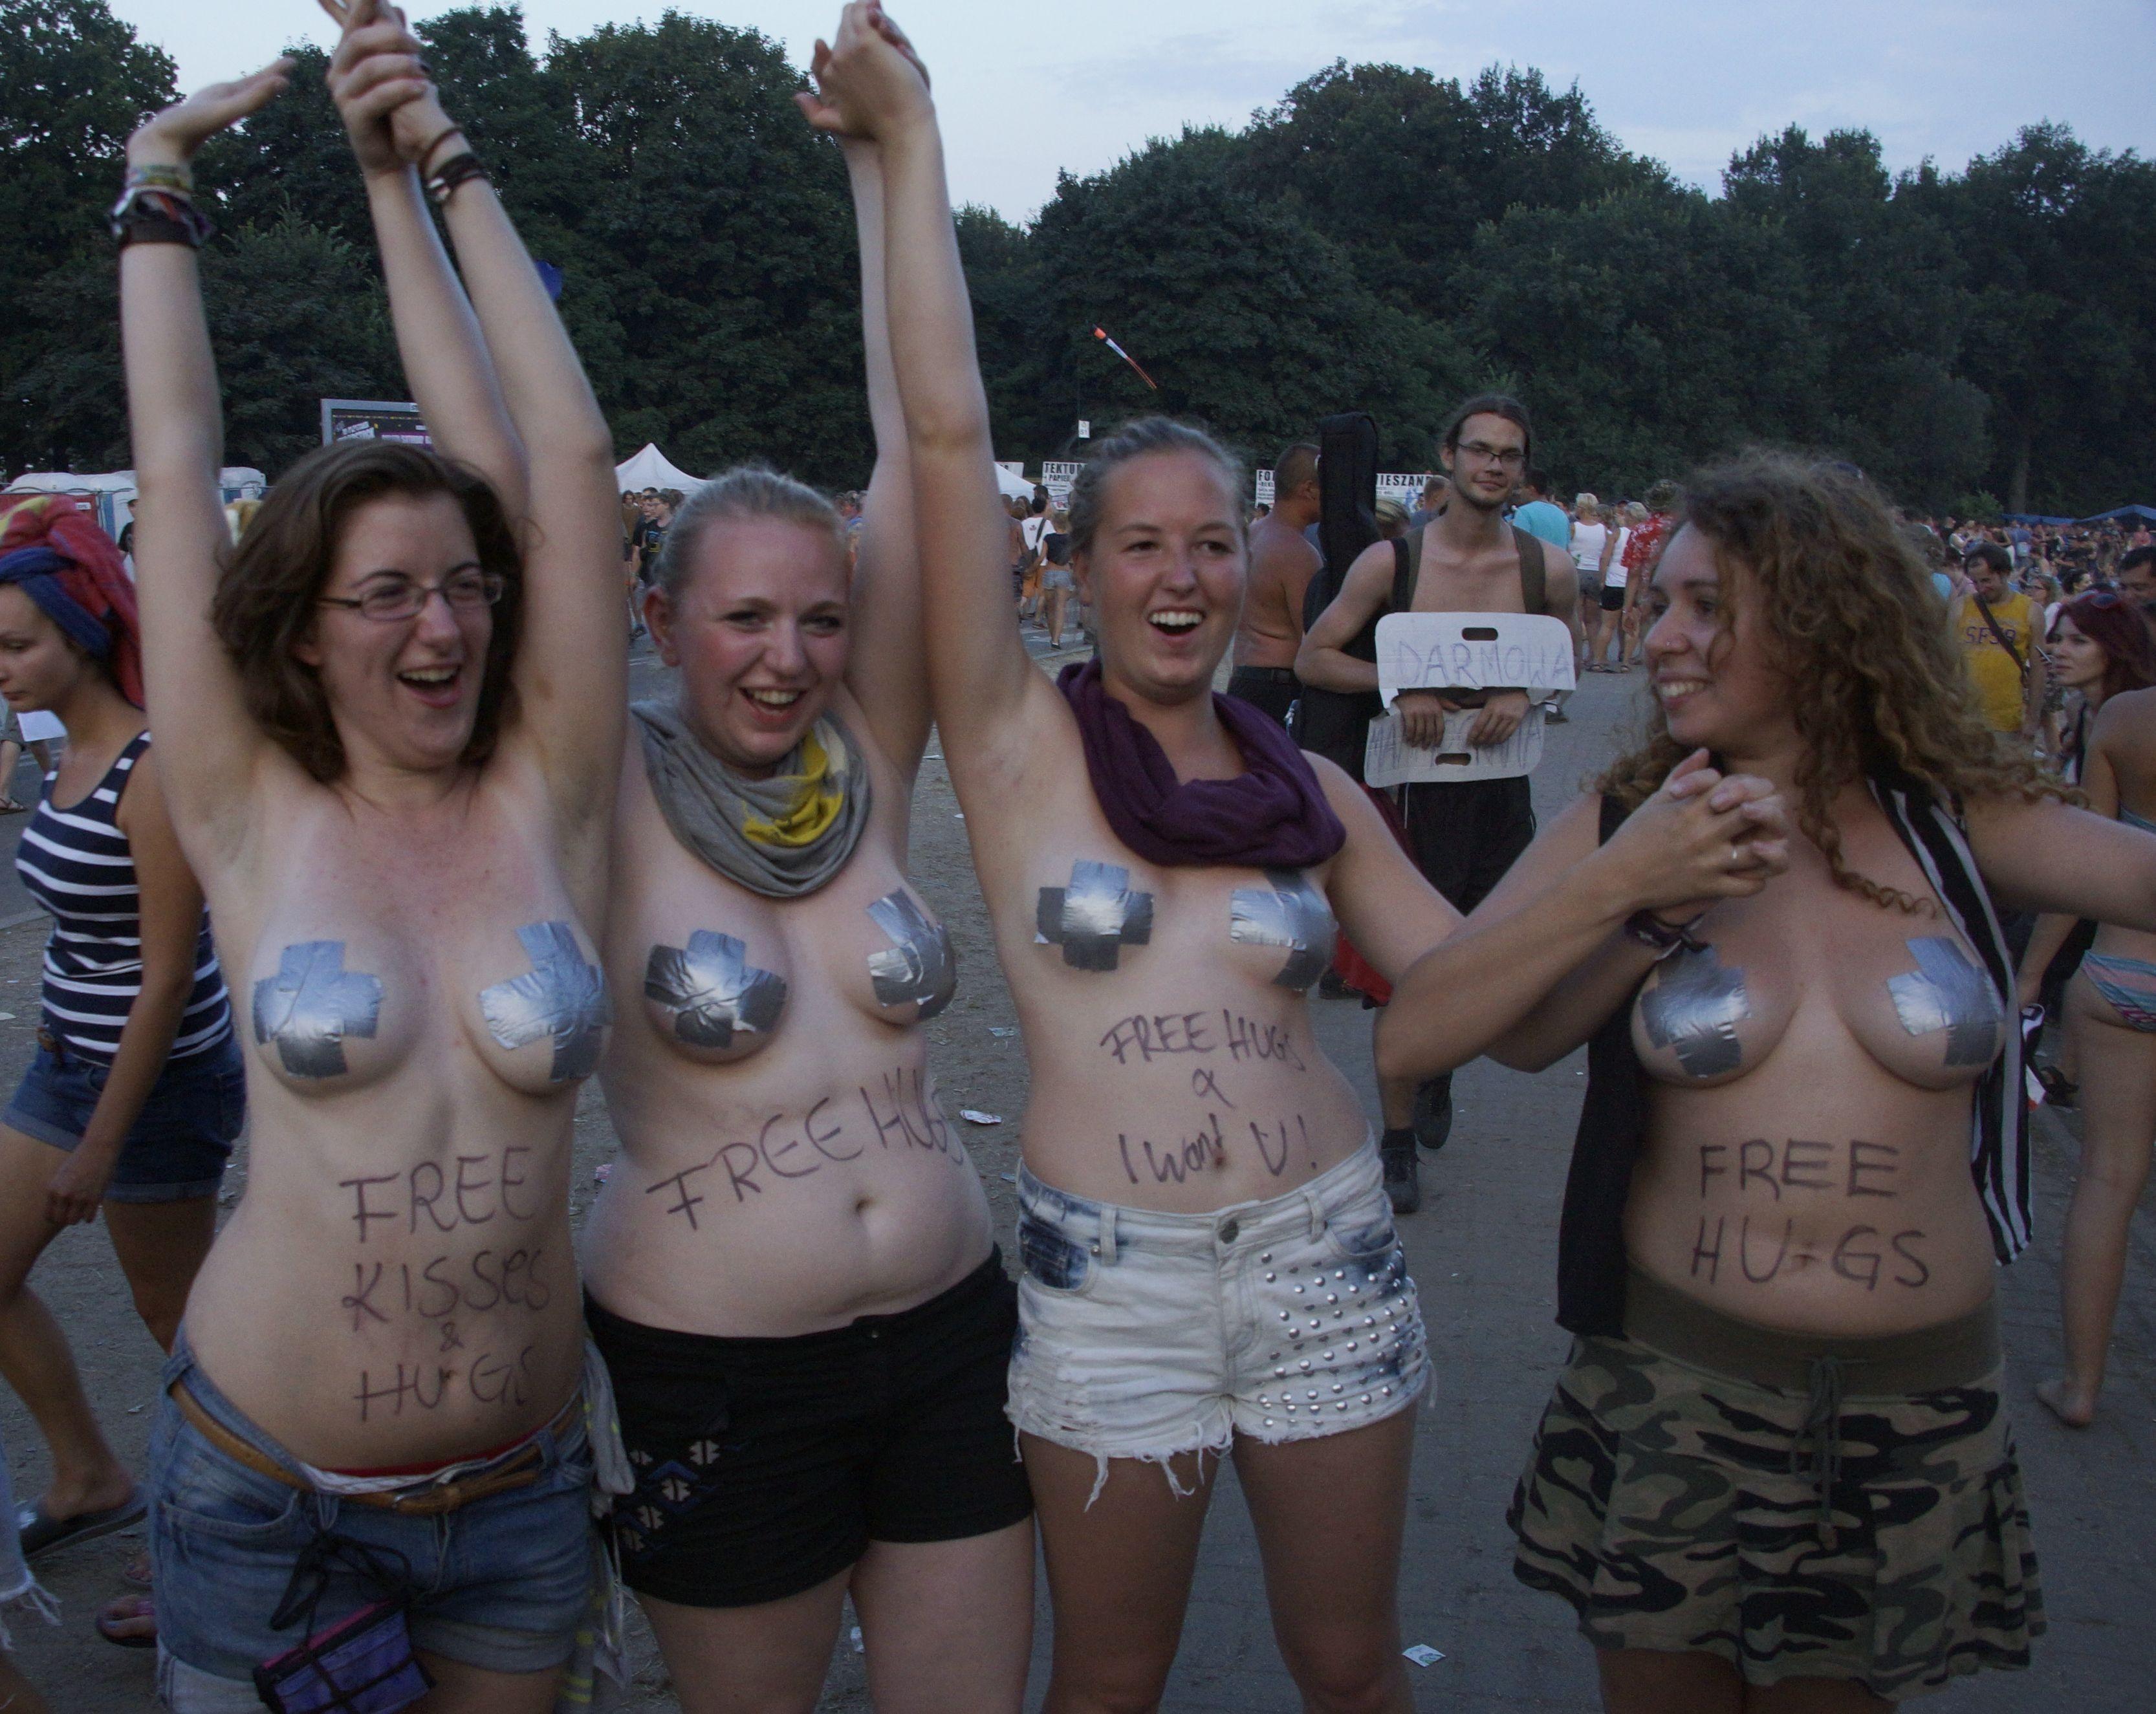 野外フェスで盛り上がり過ぎてしまったポーランド美女の末路wwwwwww(画像あり)・27枚目